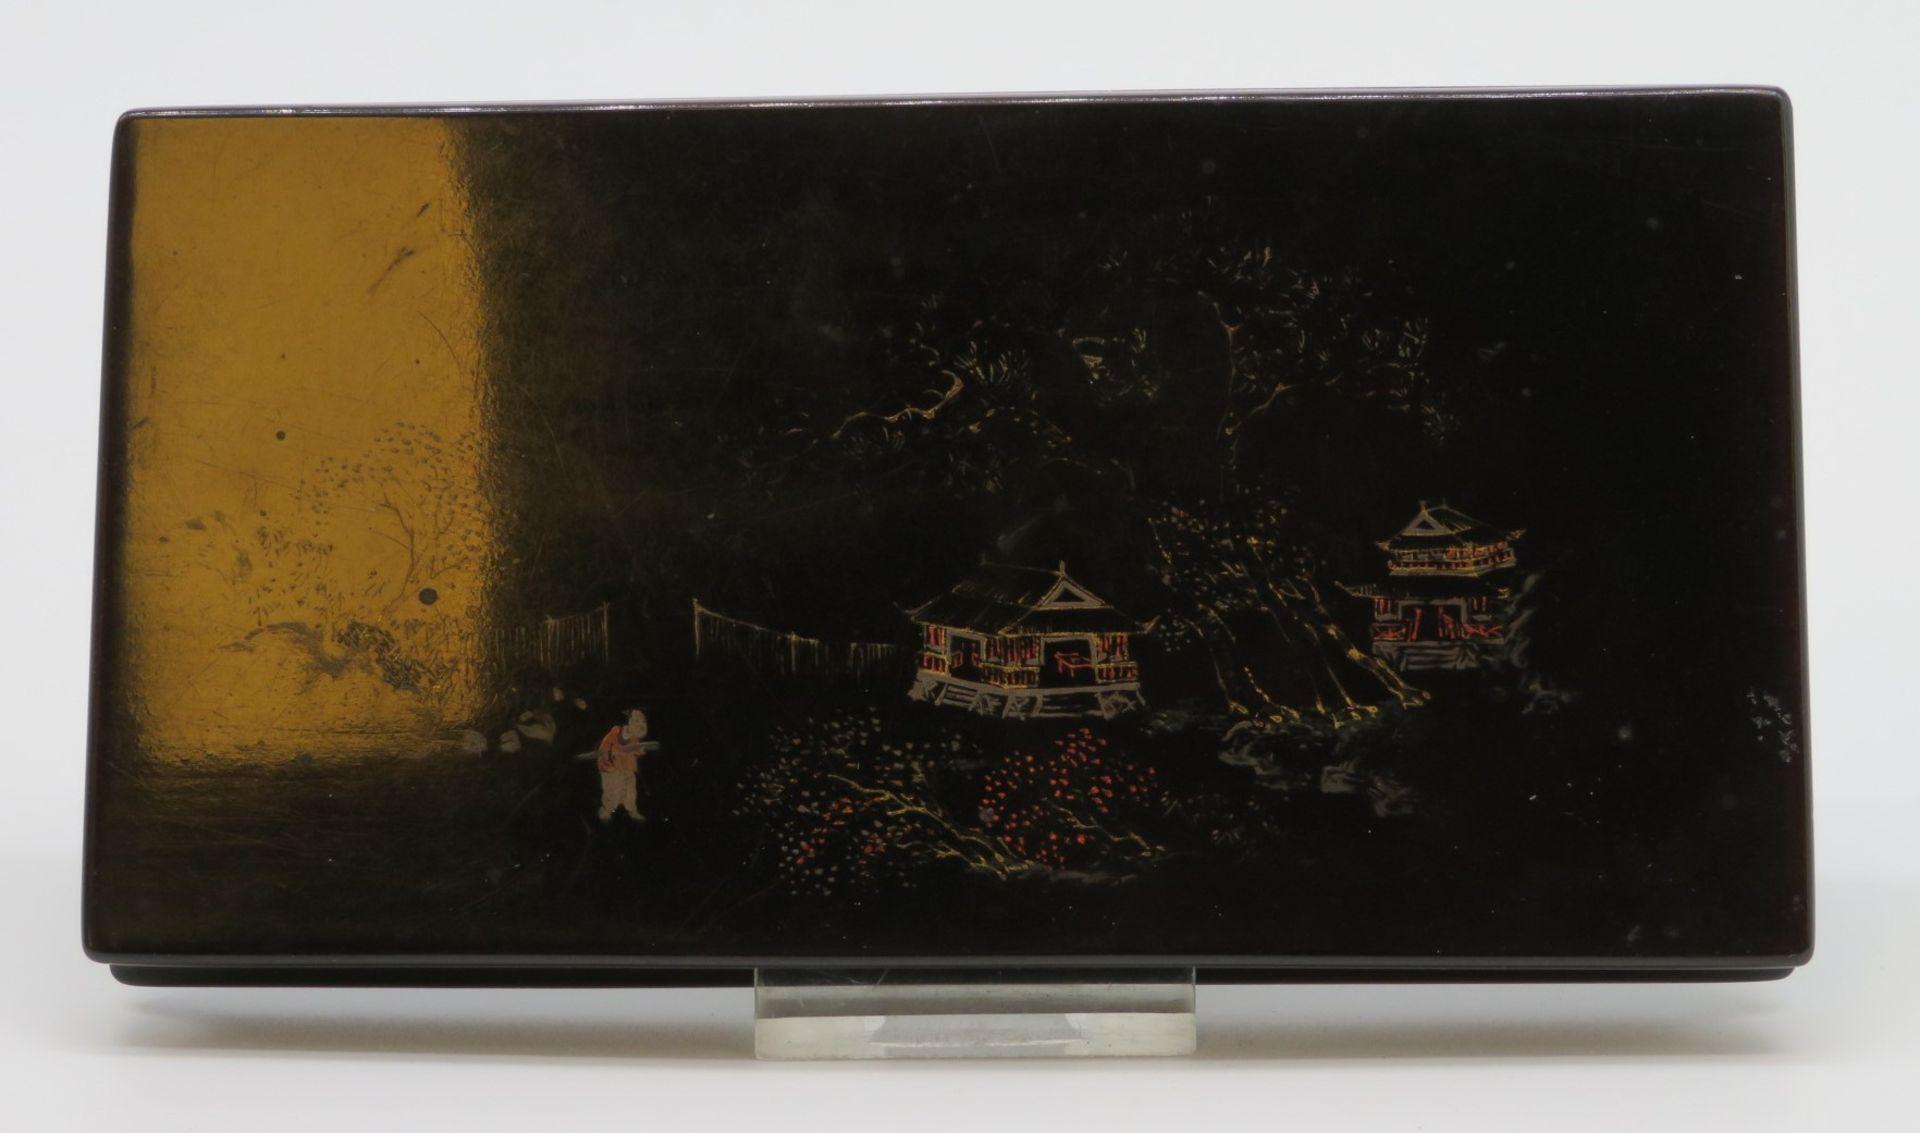 Schatulle, Japan, Lackarbeit mit Resten von polychromer Bemalung, 16 x 8,5 x 1,7 cm.